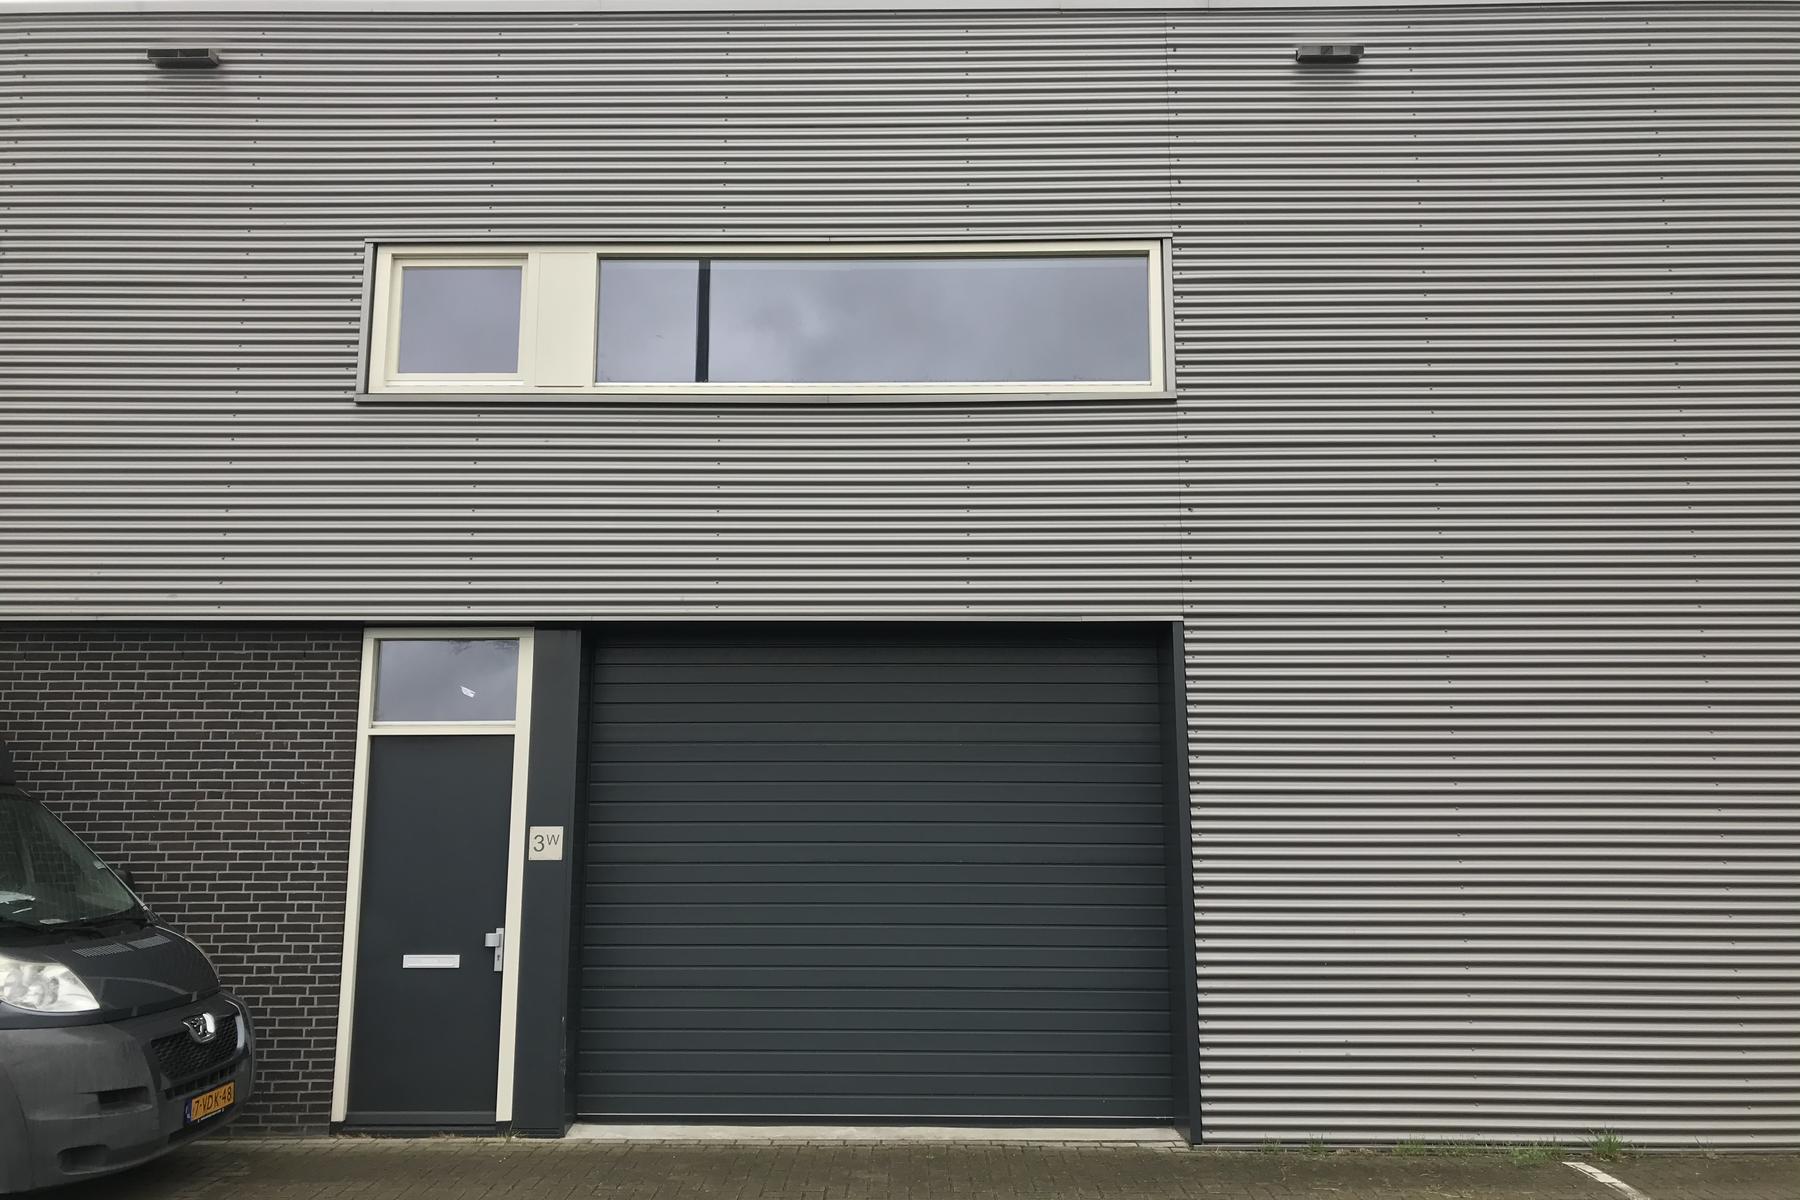 Schutweg 3 W in Waalwijk 5145 NP